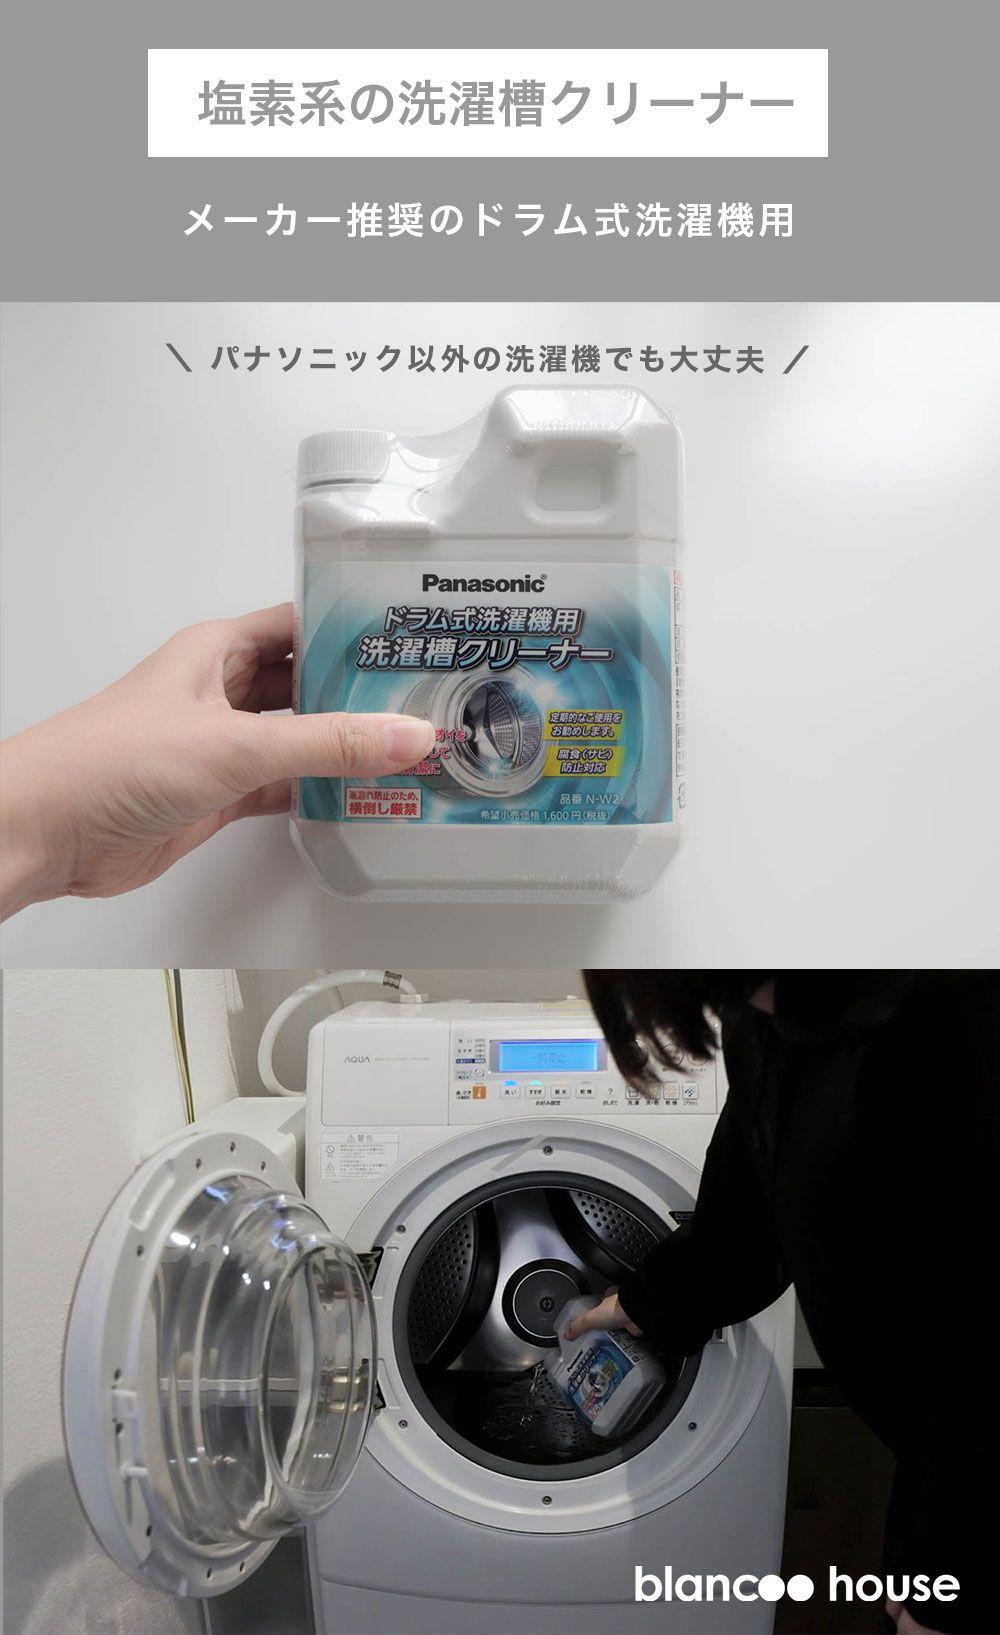 洗濯機の洗濯槽クリーナーは塩素系 酸素系 わたしはメーカー推奨品のパナソニックの塩素系 N W2 を使っています 2020 ドラム式洗濯機 クリーナー 洗濯機